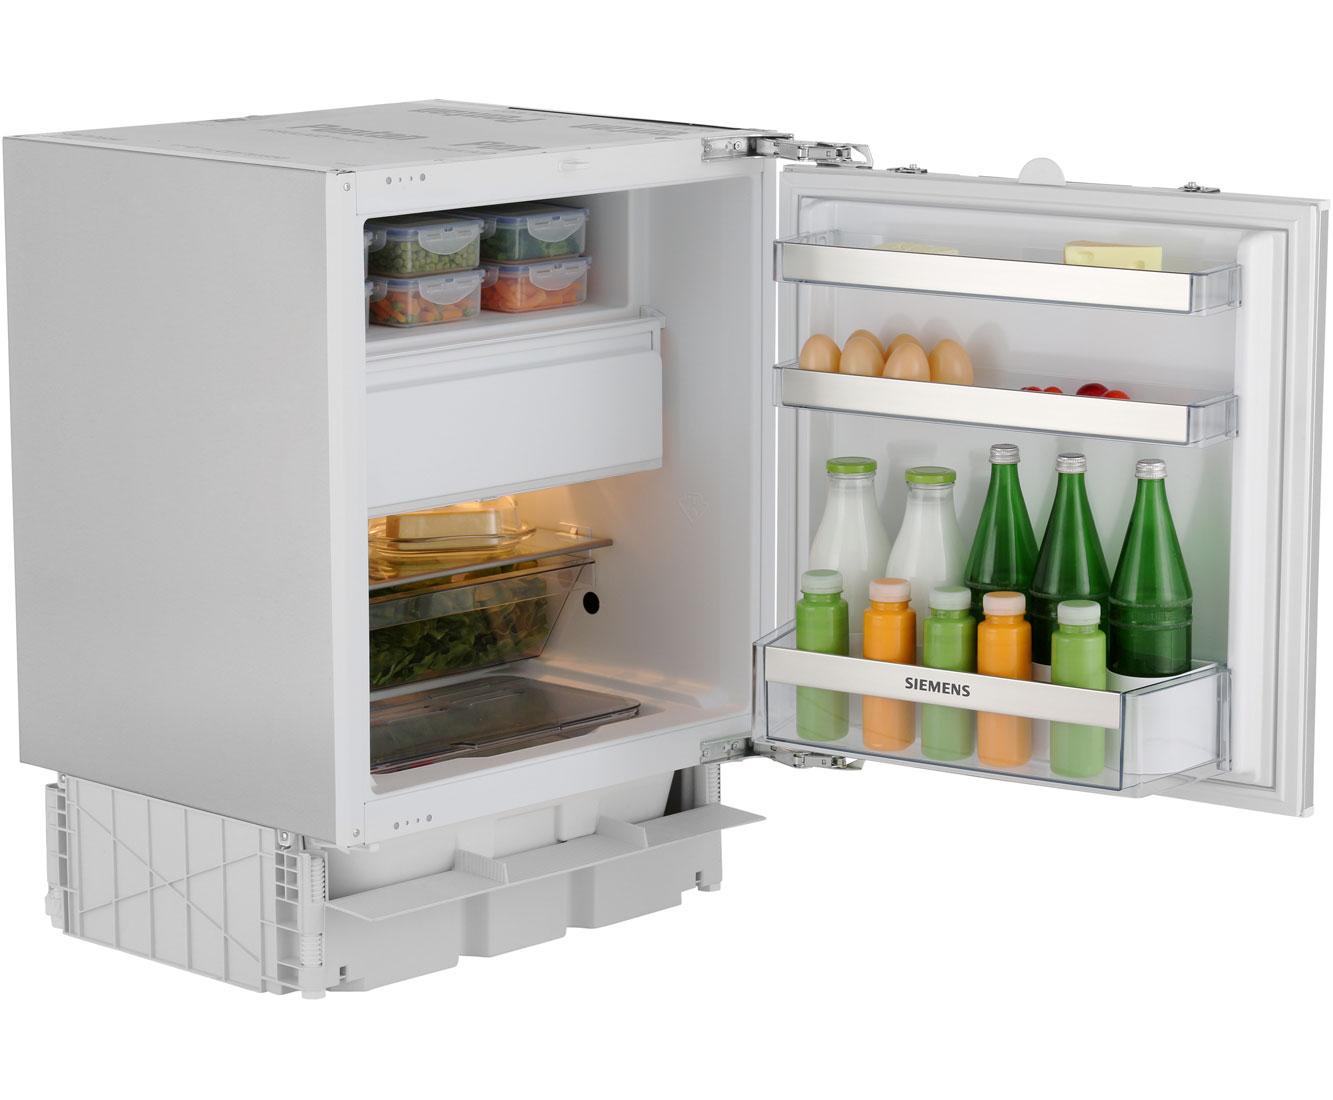 Gorenje Kühlschrank Dekorfähig : Unterbau kühlschrank dekorfähig kühlschränke v zug ag schweiz